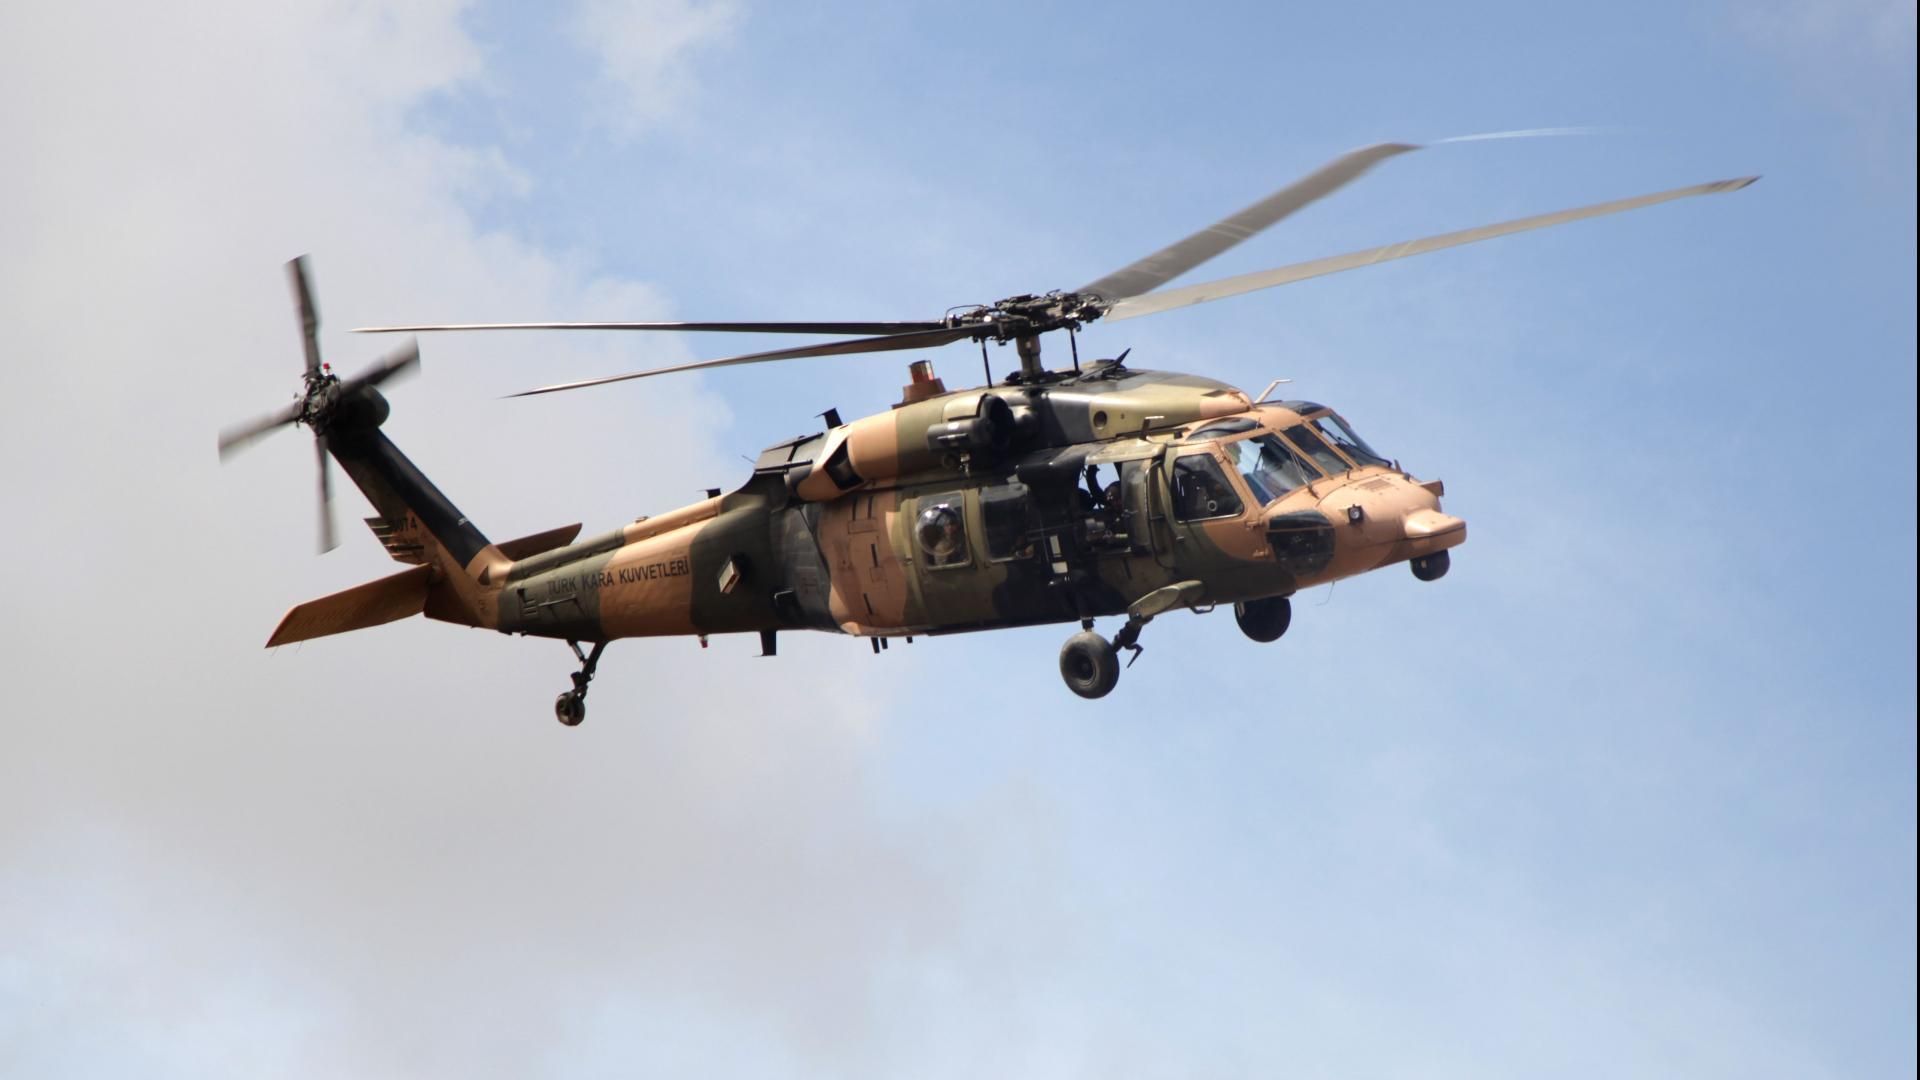 سقوط مروحية عسكرية تركية أثناء هبوطها اضطراريا